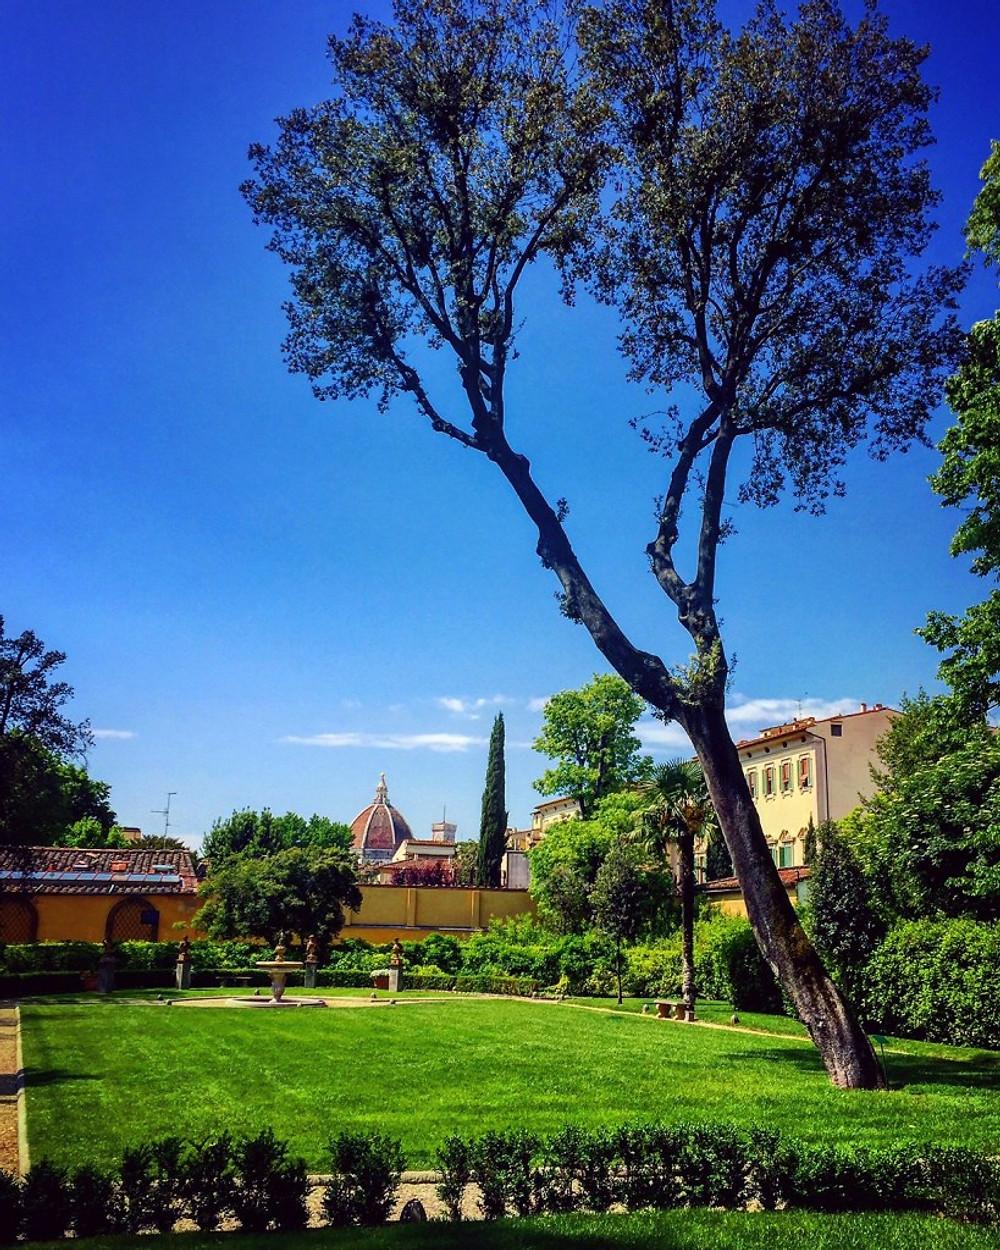 Giardino della Gherardesca at The Four Seasons Firenze